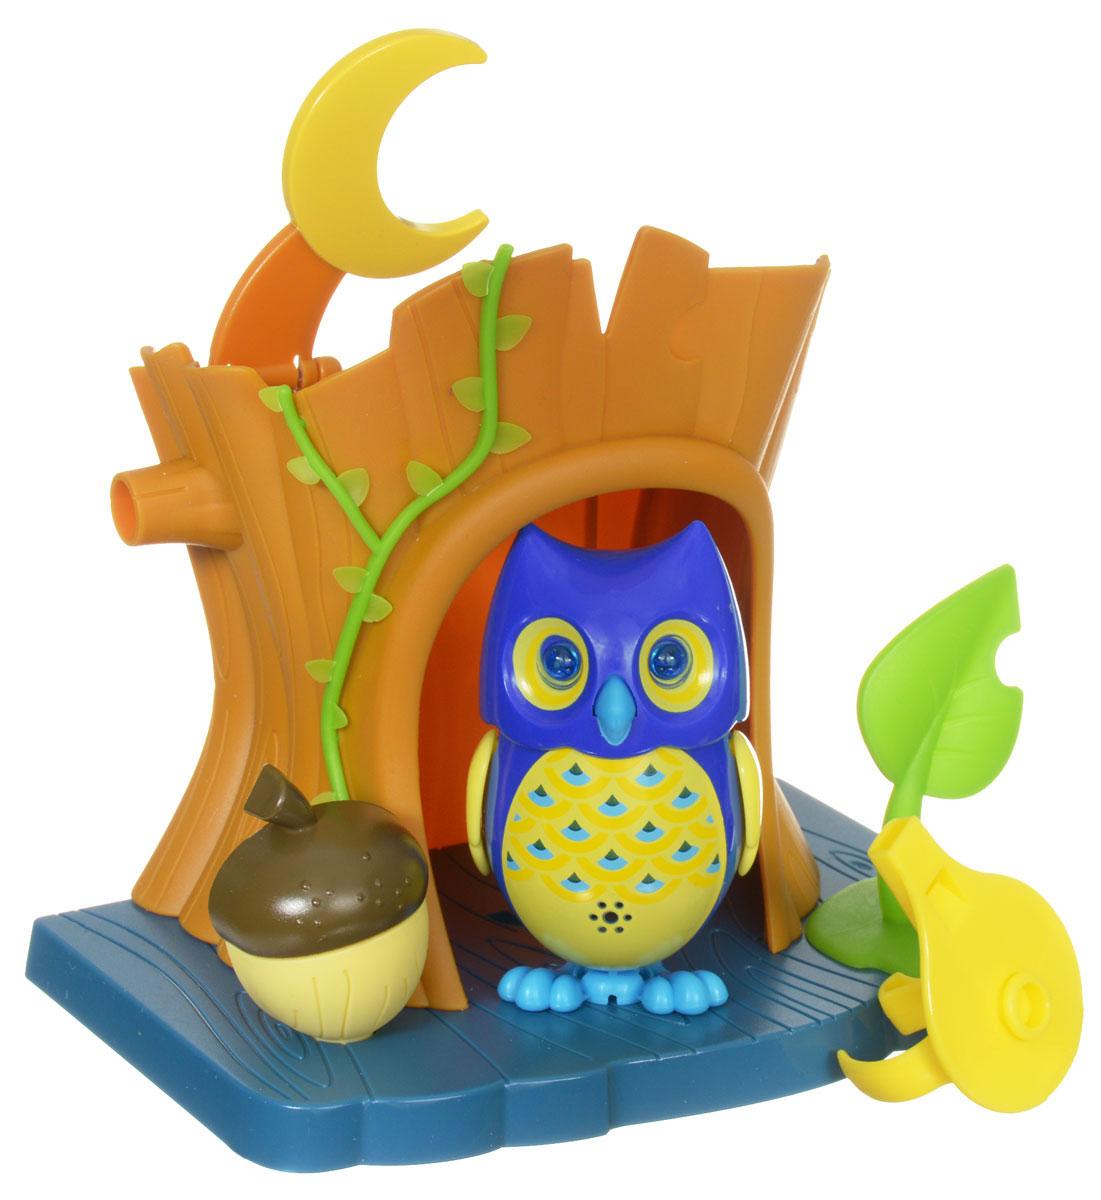 DigiFriends Интерактивная игрушка Сова Hoot с домиком88359-1Интерактивная игрушка DigiFriends Сова с домиком подарит ребенку множество незабываемых игр. Птичка умеет петь как соло, так и в хоре - вместе с другими птичками или персонажами DigiFriends. Уютный домик для совы имеет главный вход и заднюю дверь. К крыше домика прикреплен месяц, который поднимается и наступает ночь. Рядом с домиком расположены желудь и листик. Если повернуть листик, то под ним можно обнаружить забавную улитку. Чтобы активировать режим проигрывания мелодий и уханья совы, достаточно посвистеть в свисток, имеющийся в комплекте. Кольцо-свисток может быть использовано в качестве насеста-переноски. Игрушка издает 55 вариантов мелодий и звуков. Голова птички двигается в такт мелодии, а клюв - открывается. Глаза совы светятся. Игрушка может спеть вместе со всеми персонажами DigiFriends в режиме хор. Птичка, которую активировали первой, становится солистом. Управлять пением пернатой звезды или целым хором - исключительно увлекательное занятие, которое...